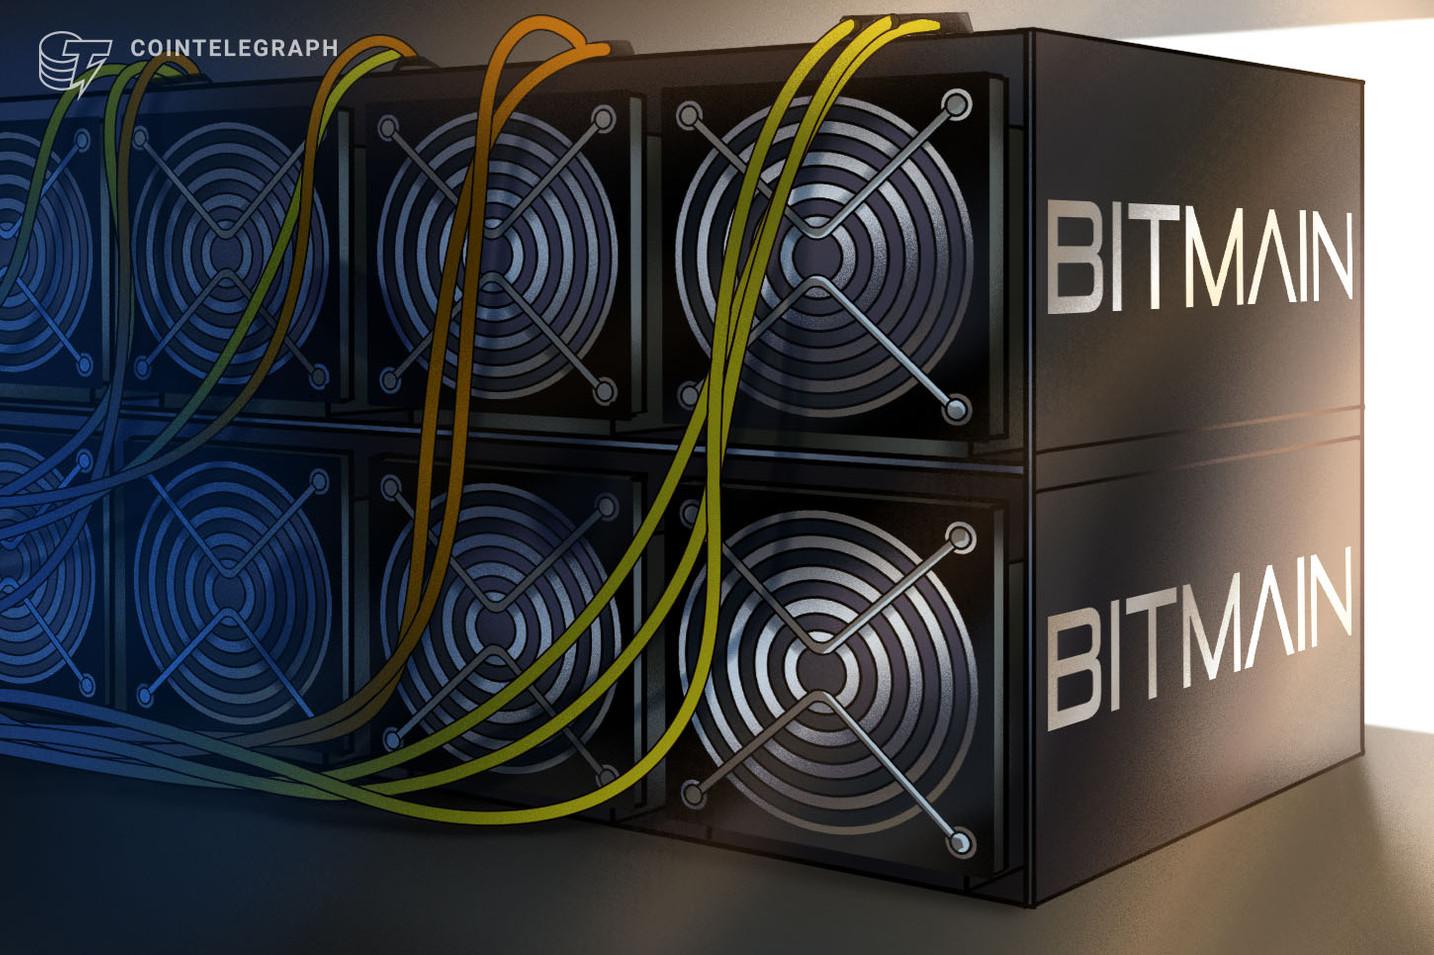 L'allontanamento del CEO non influenzerà le operazioni aziendali, assicura Bitmain